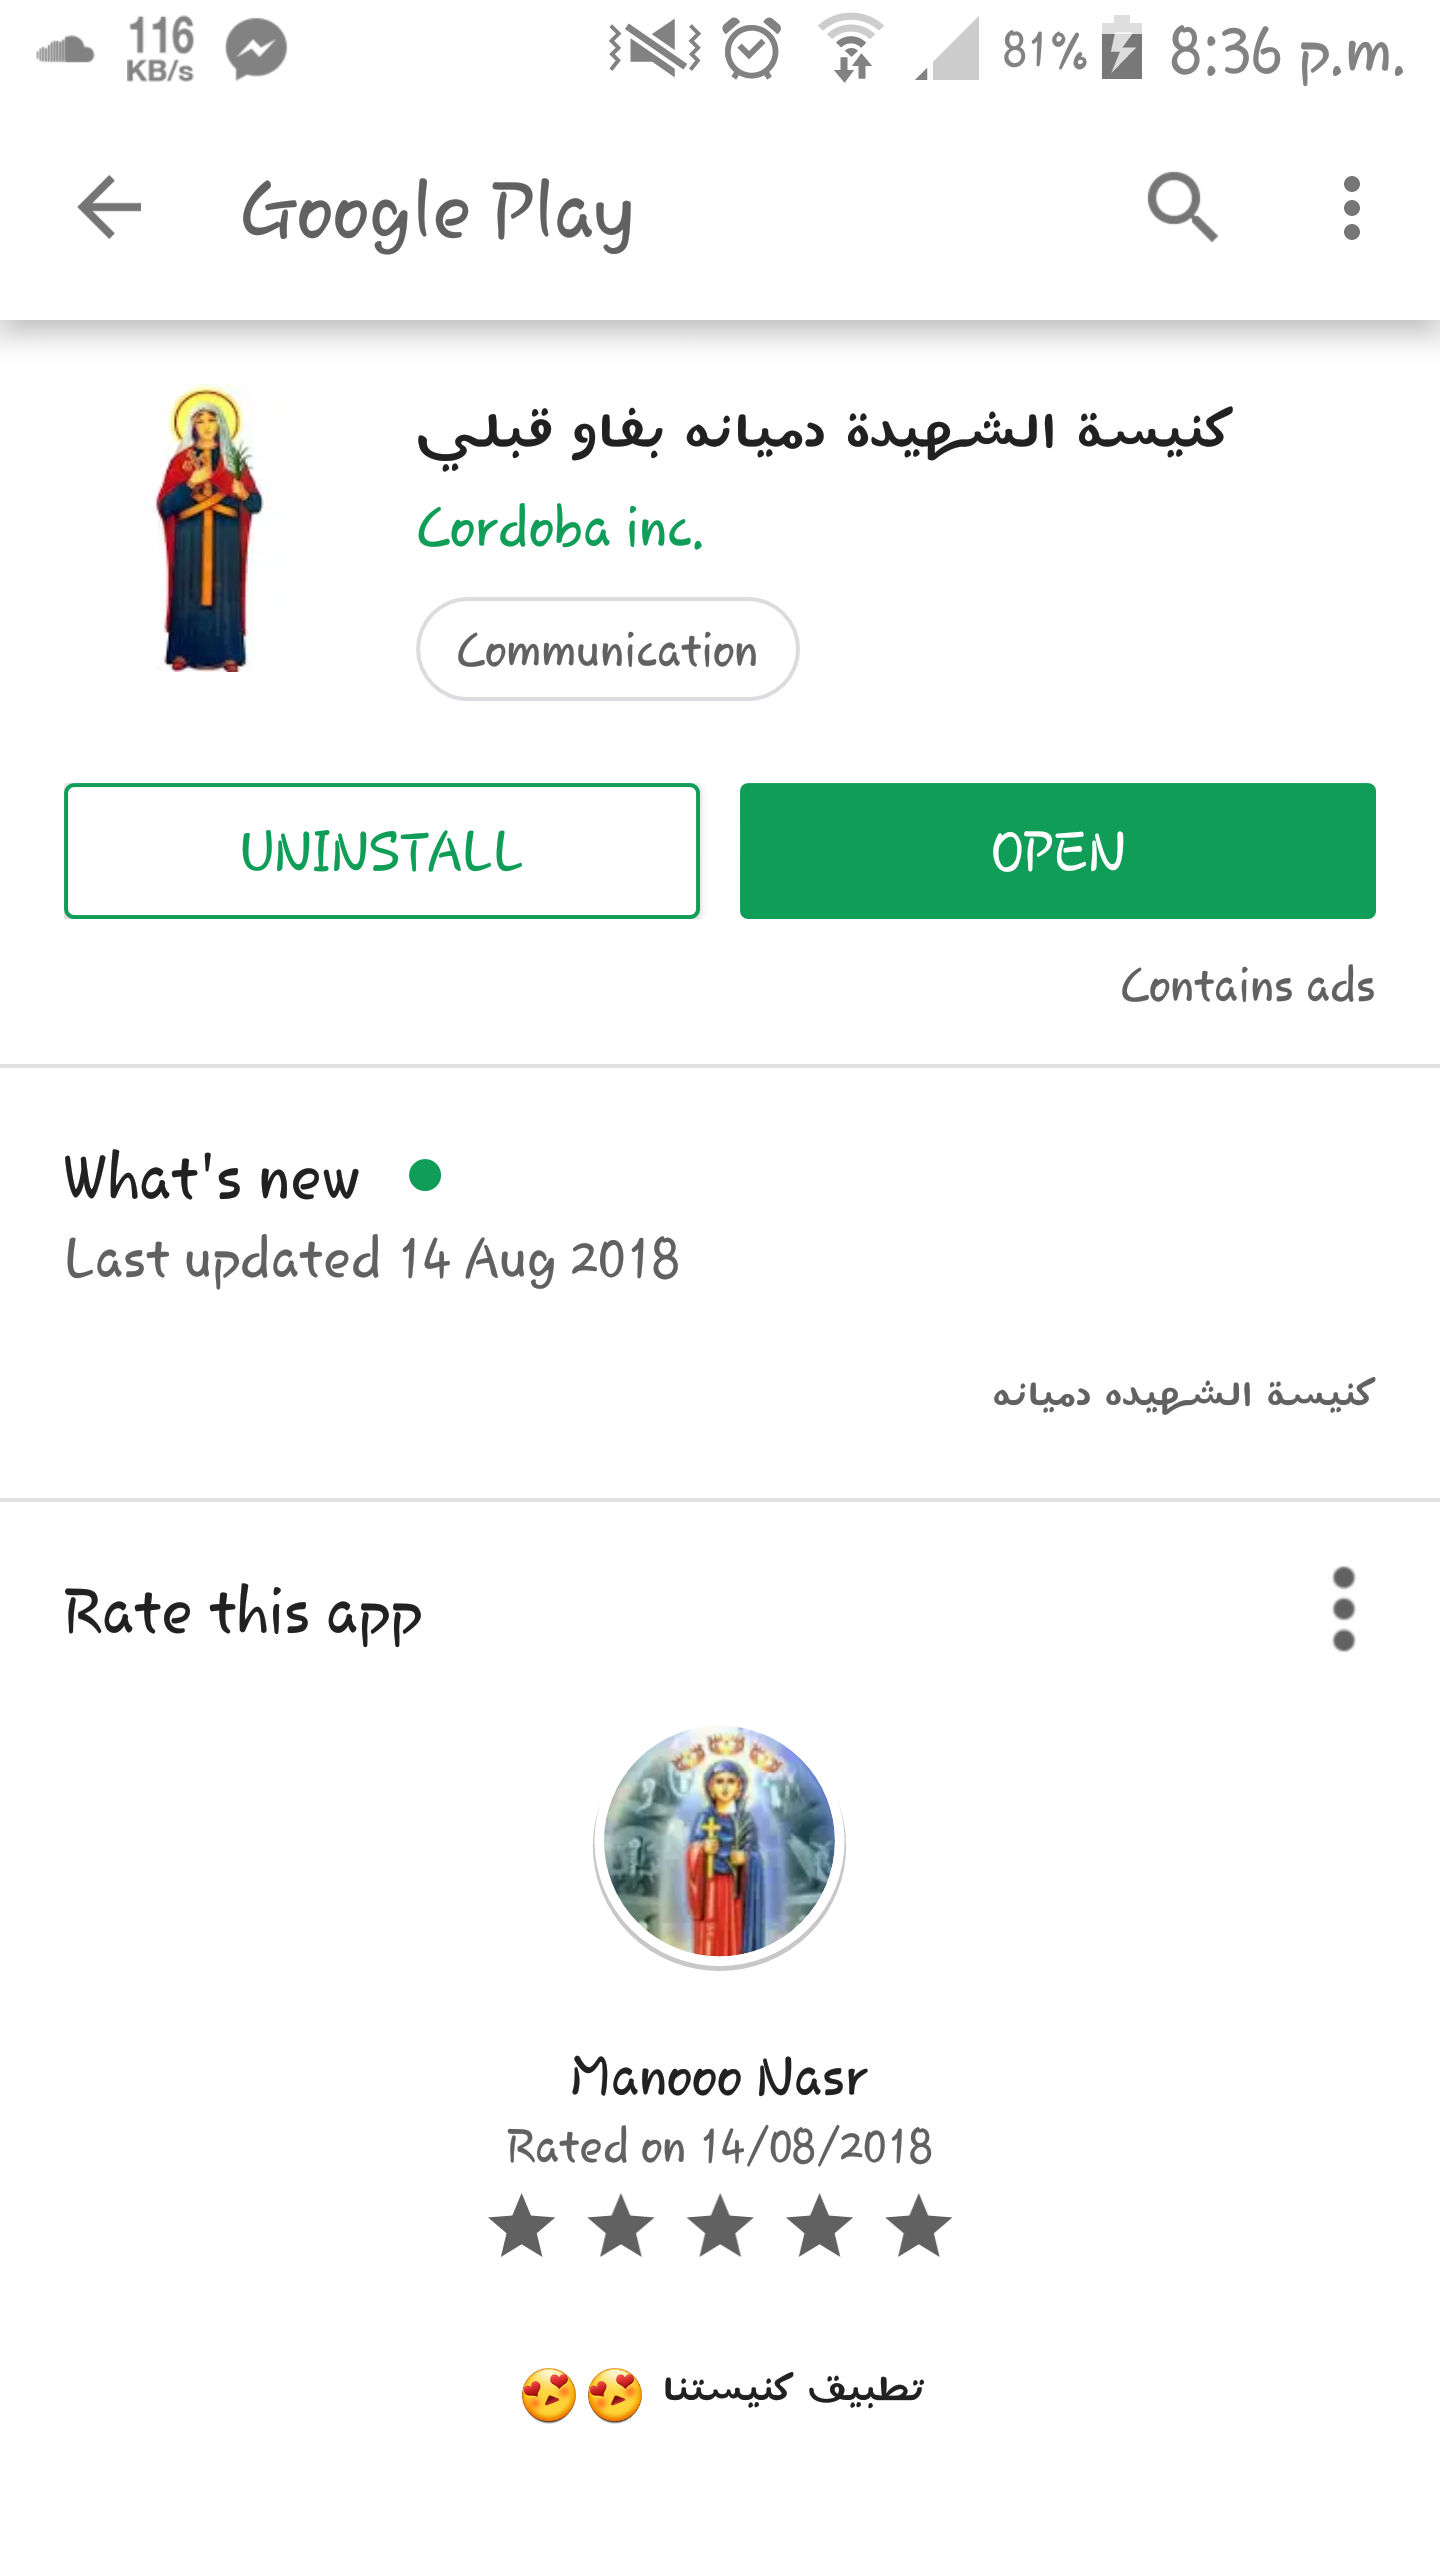 تطبيق كنيسة الشهيدة دميانة علي المتجر